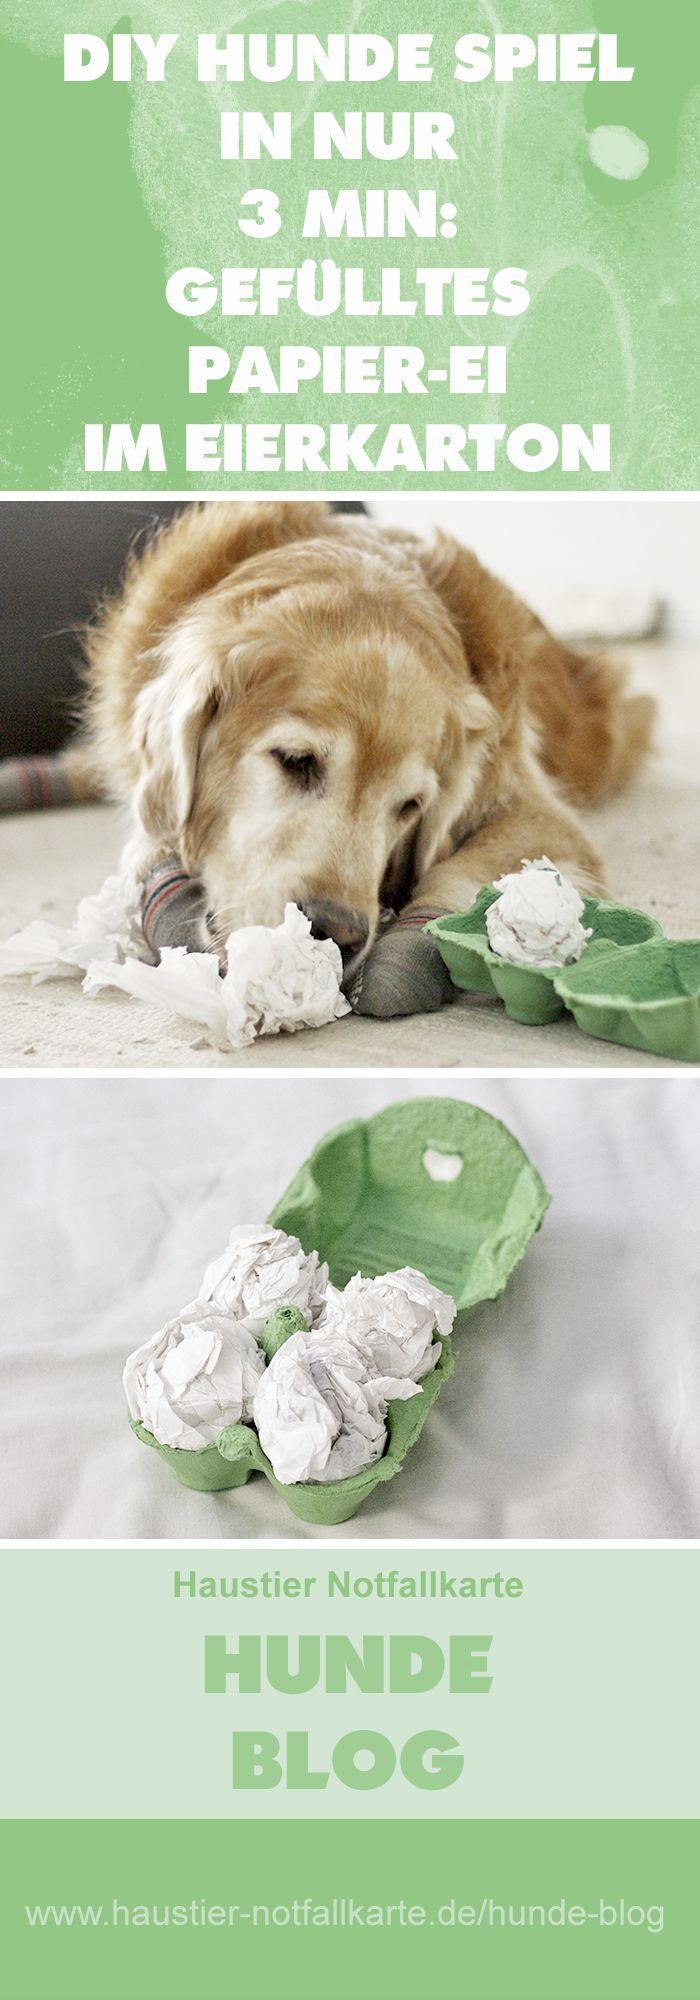 Juego de perros de bricolaje: huevos de papel relleno en cartón de huevos   – Hunde spiele